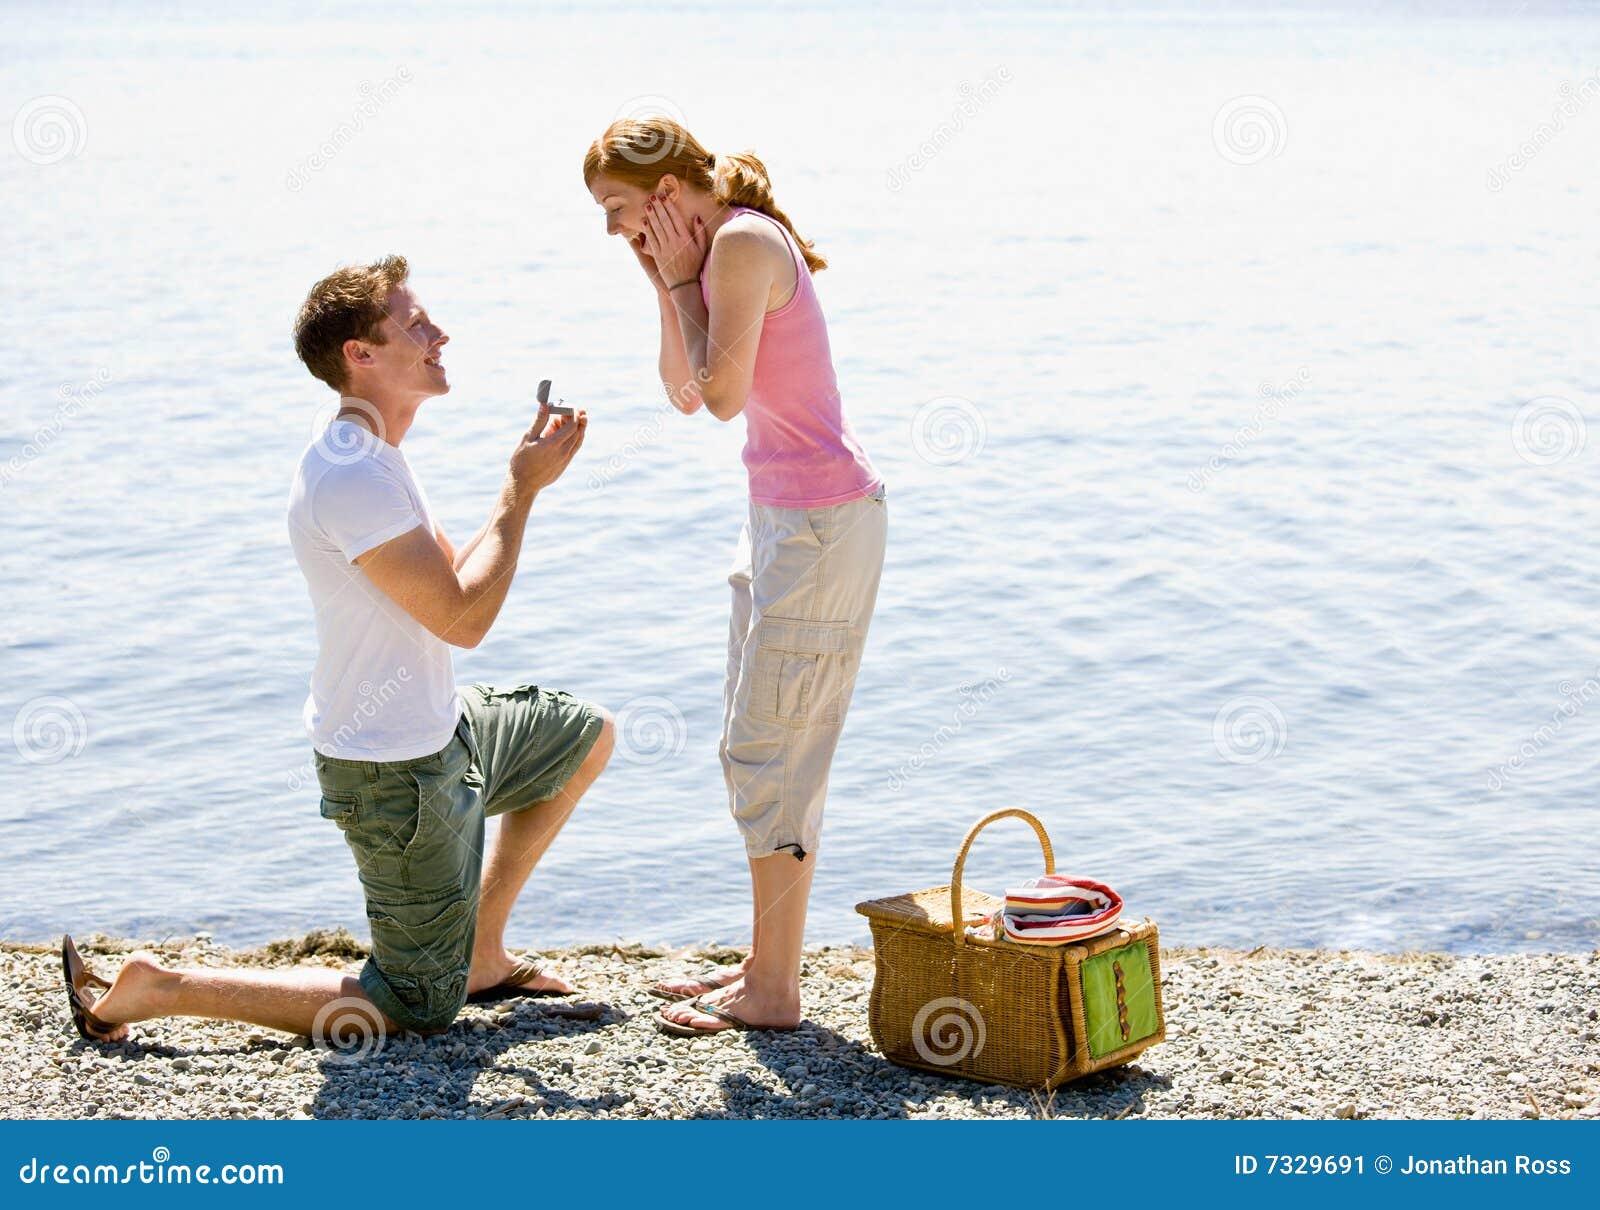 Boyfriend proposing to girlfriend